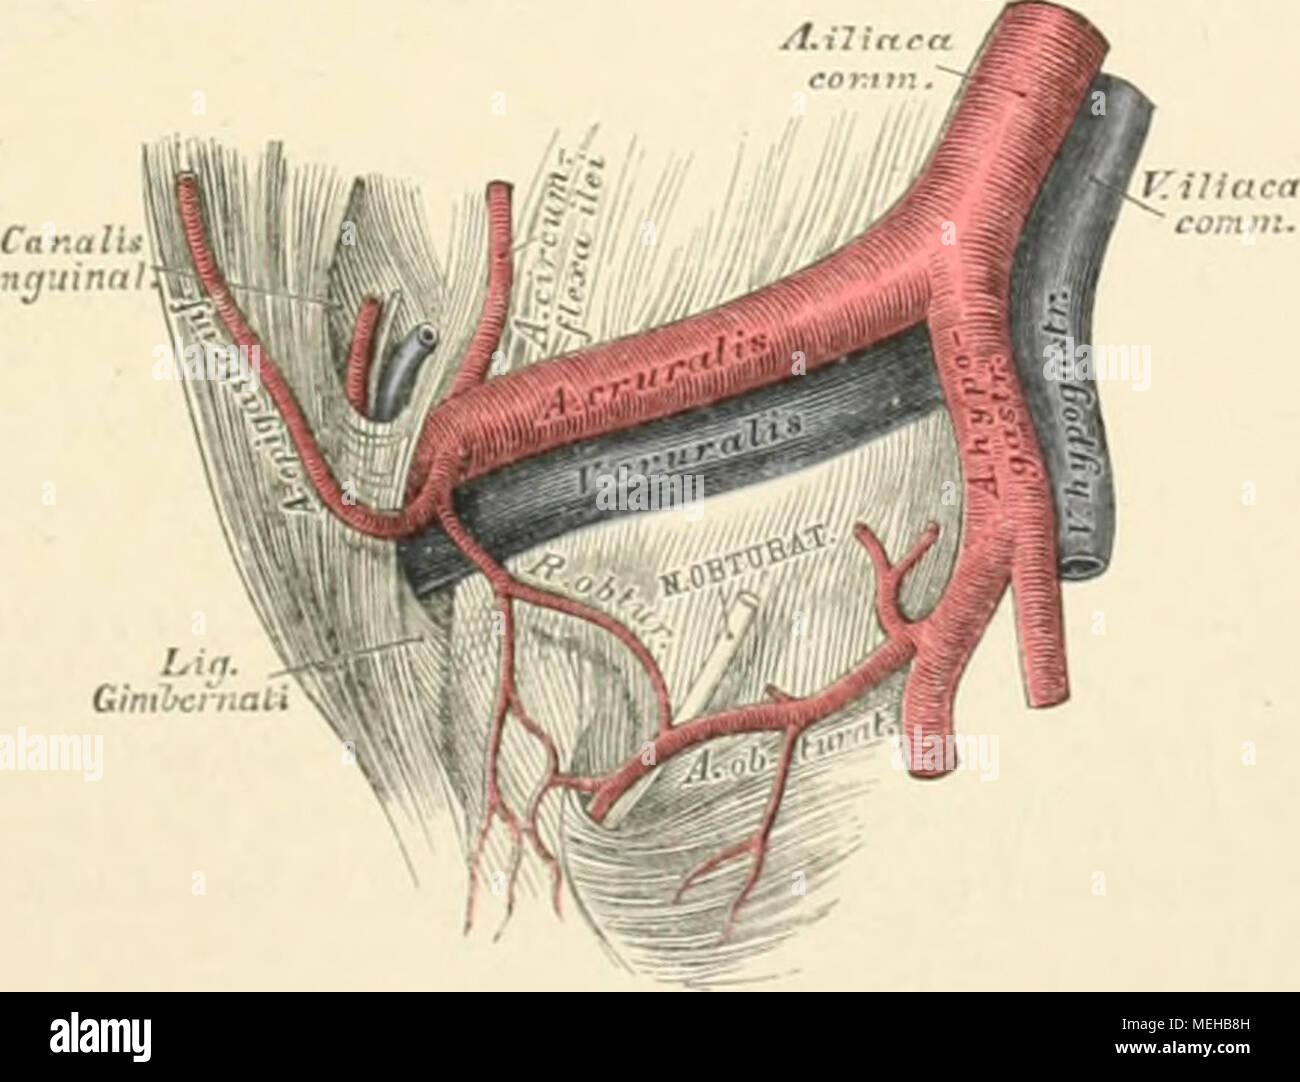 Charmant Mra Kreis Von Willis Anatomie Fotos - Anatomie Ideen ...